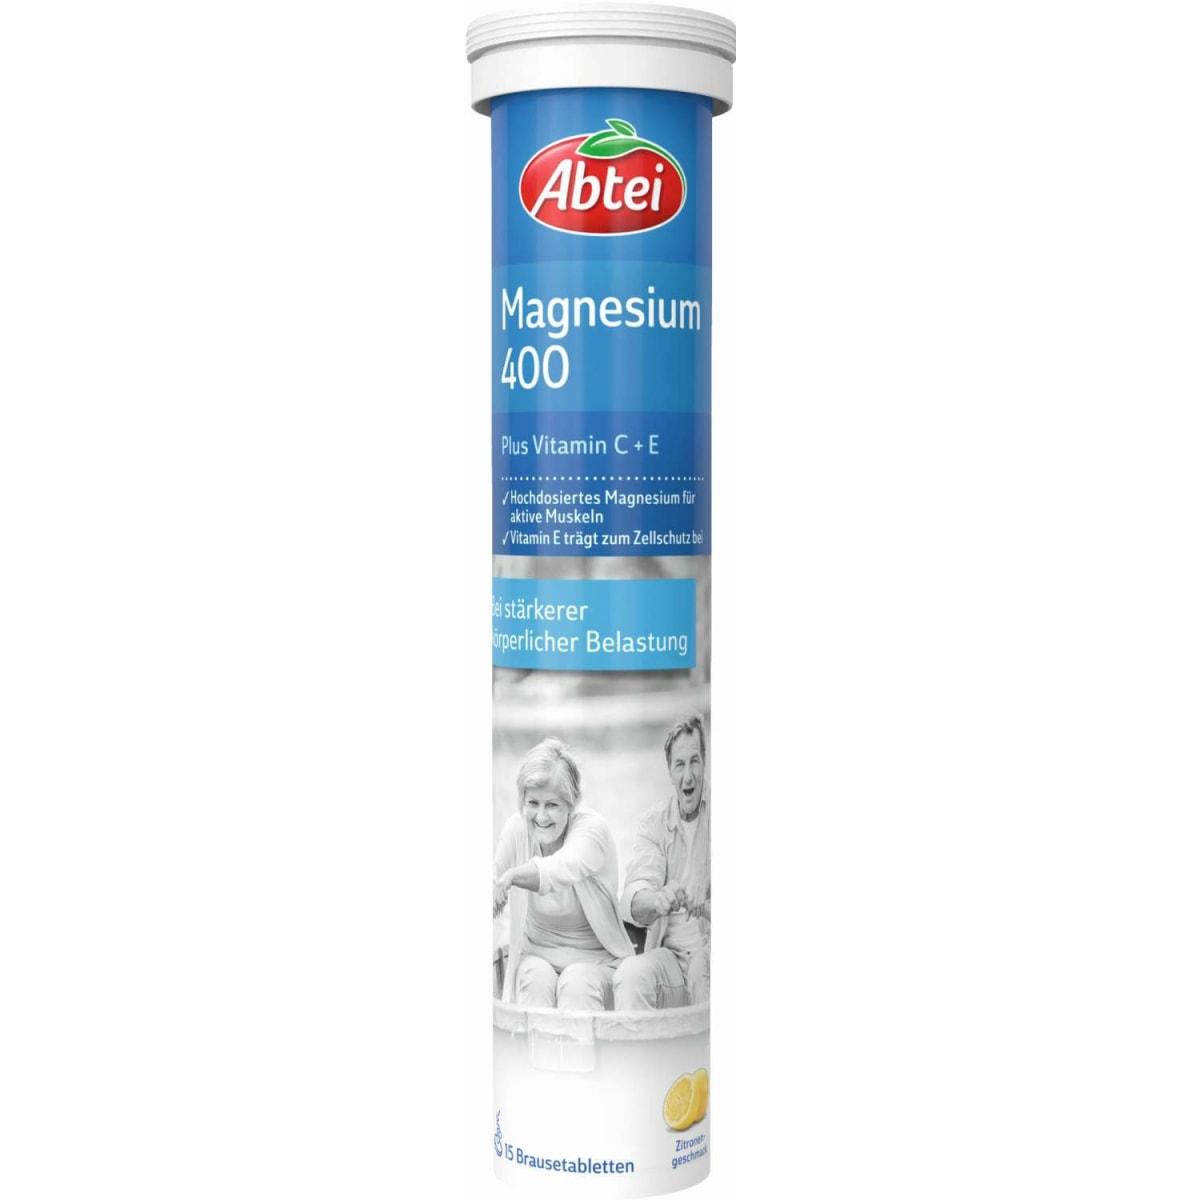 Abtei Magnesium 400 Plus Vitamin C+E